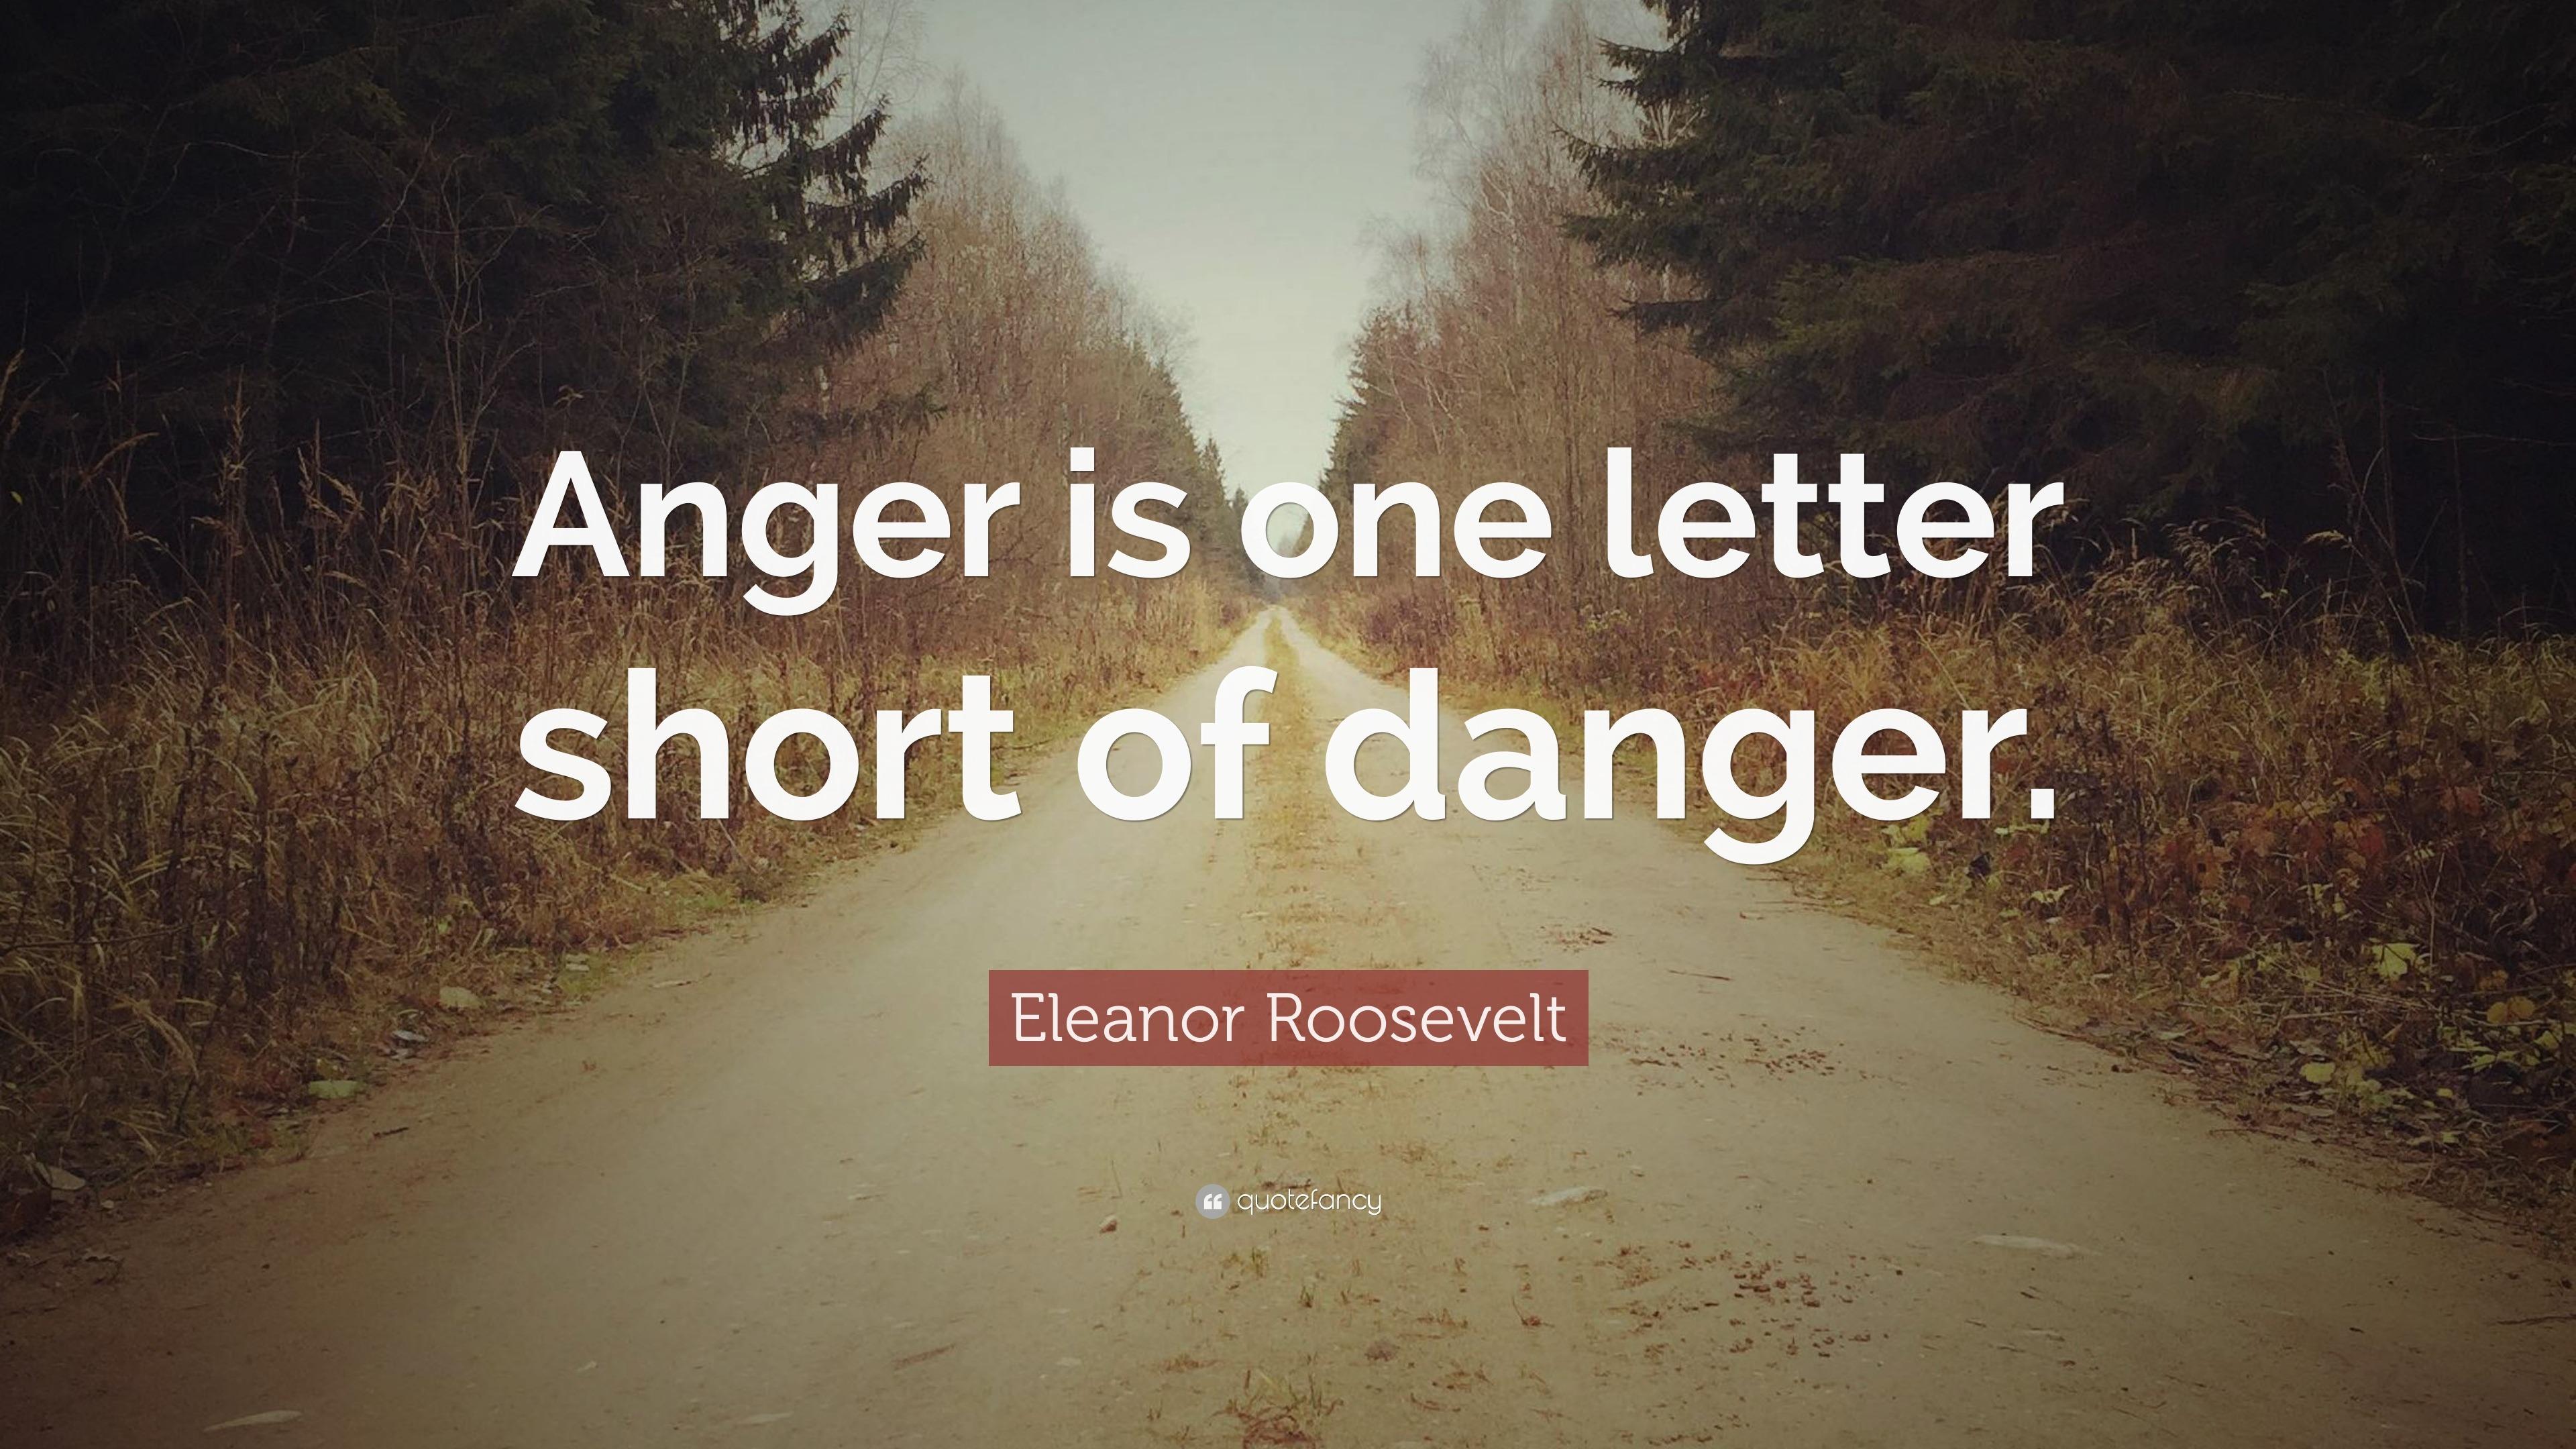 Eleanor Roosevelt Quotes (100 wallpapers) - Quotefancy  |Eleanor Roosevelt Quotes Wallpaper